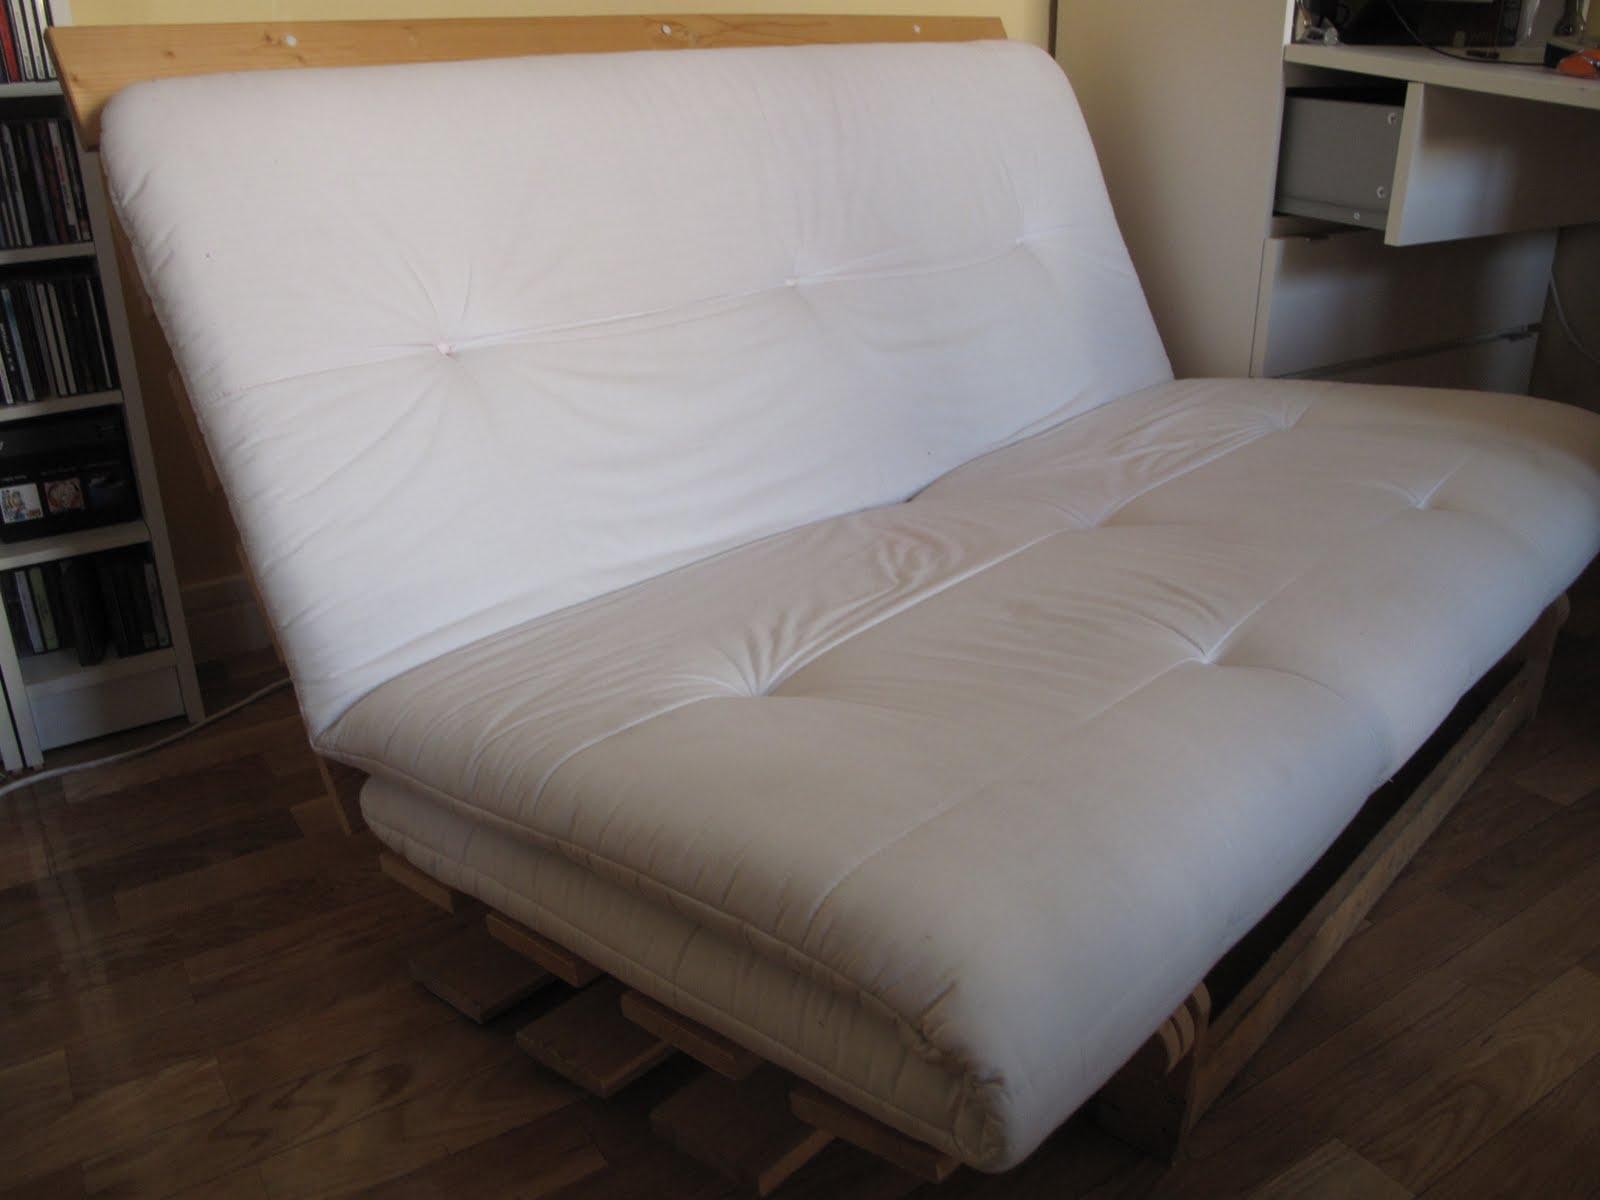 Venta de sof cama america 39 s best lifechangers - Comprar sofa cama madrid ...